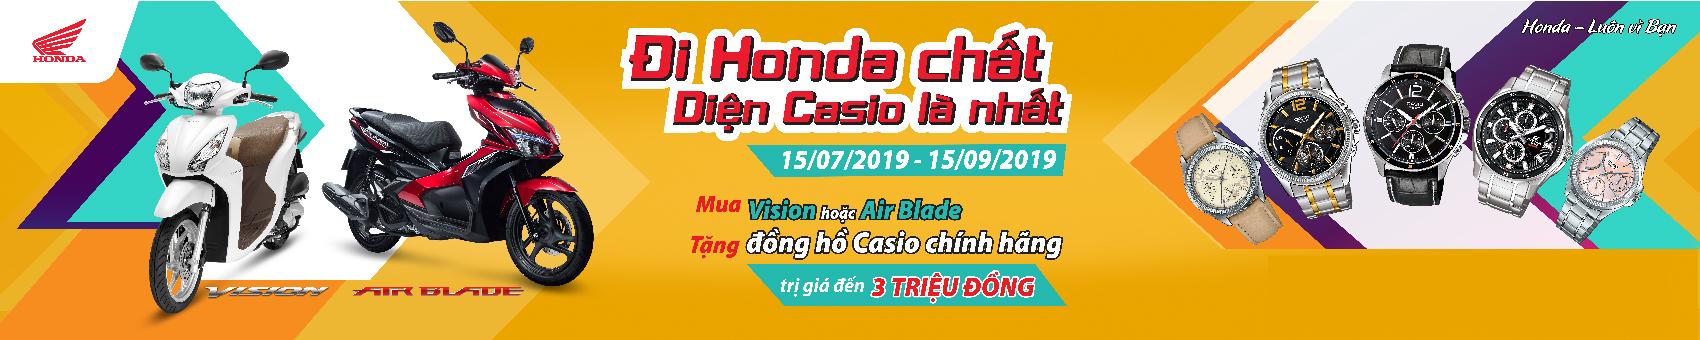 #AB #Vison #Casio